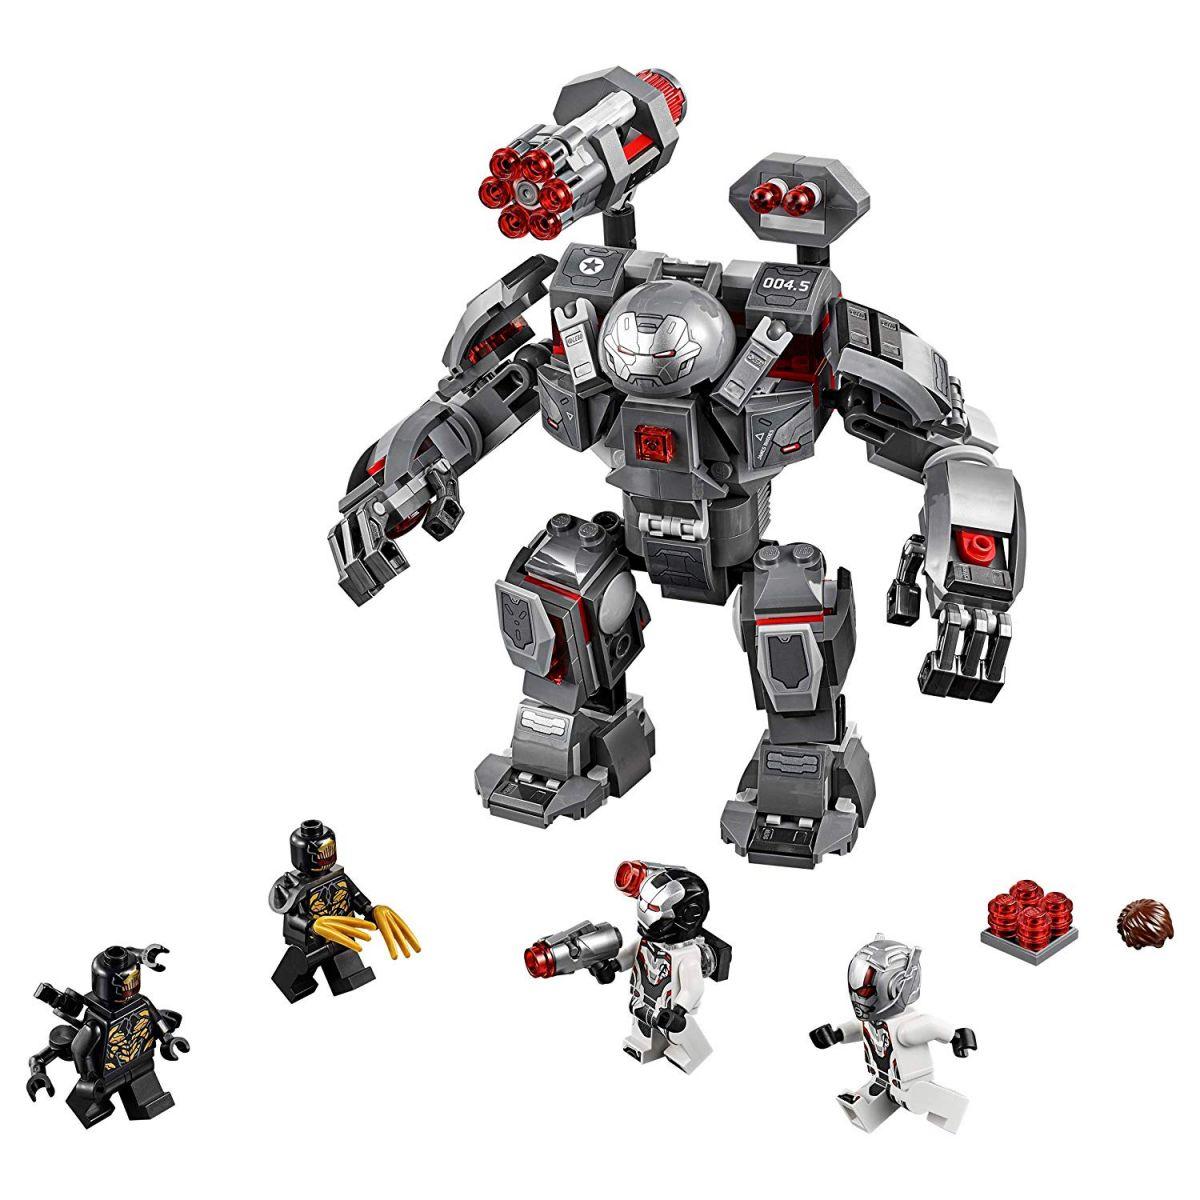 LEGO Avengers: Endgame Sets Leaked By Amazon France